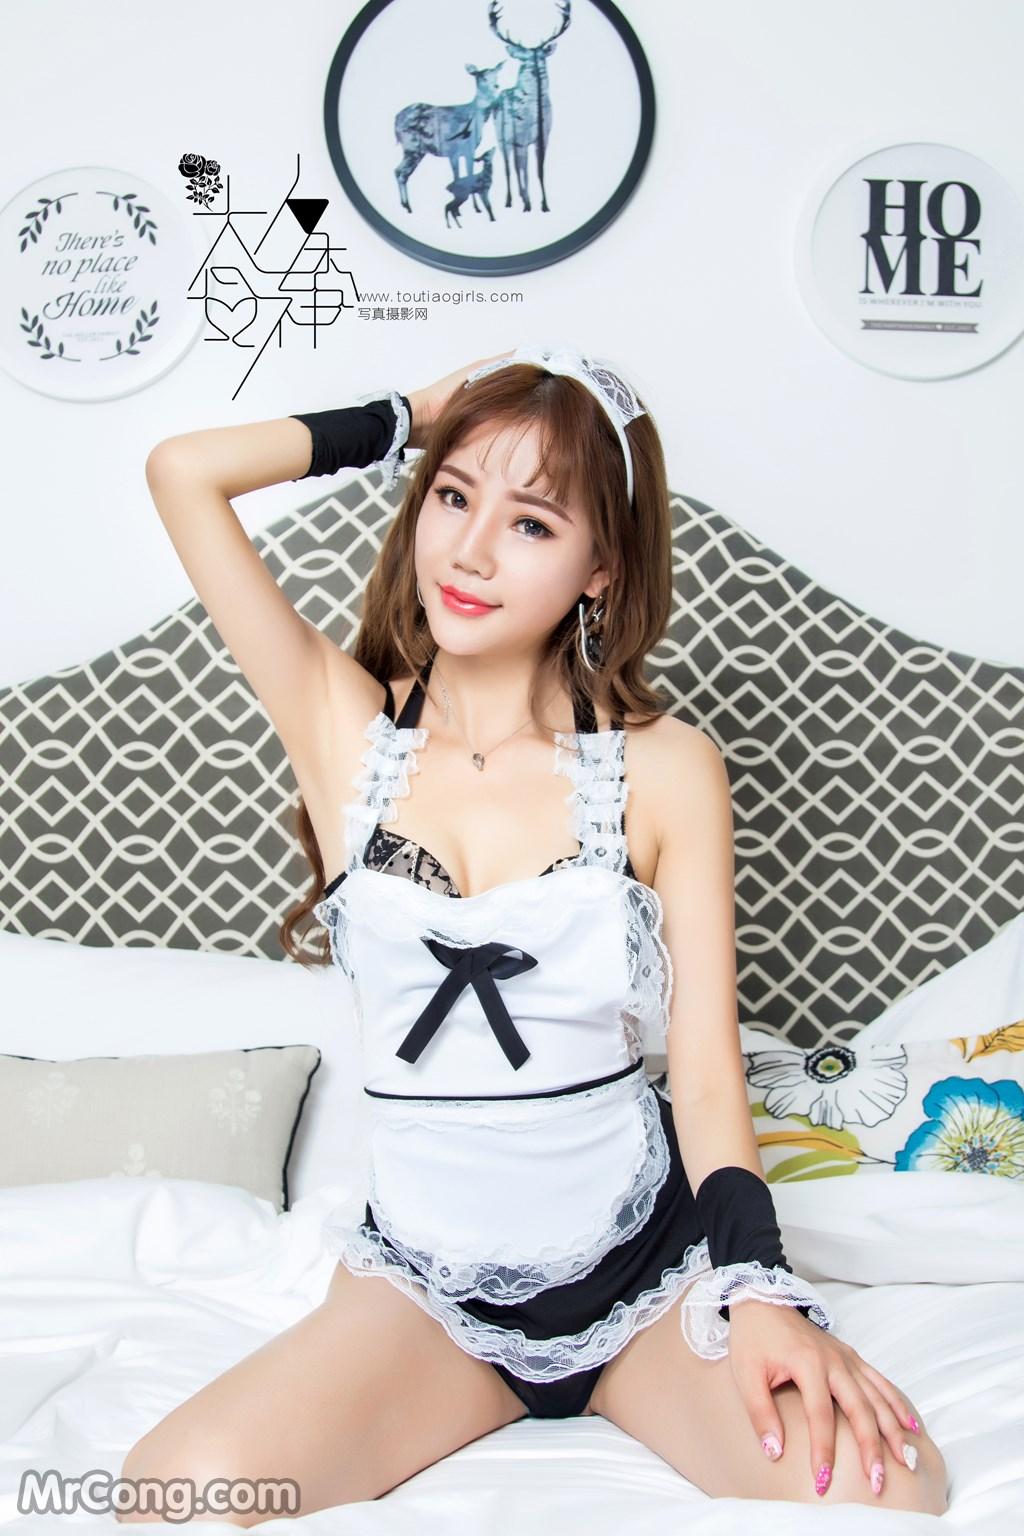 TouTiao 2016-11-25: Model Ya Xin (亚鑫) (27P)